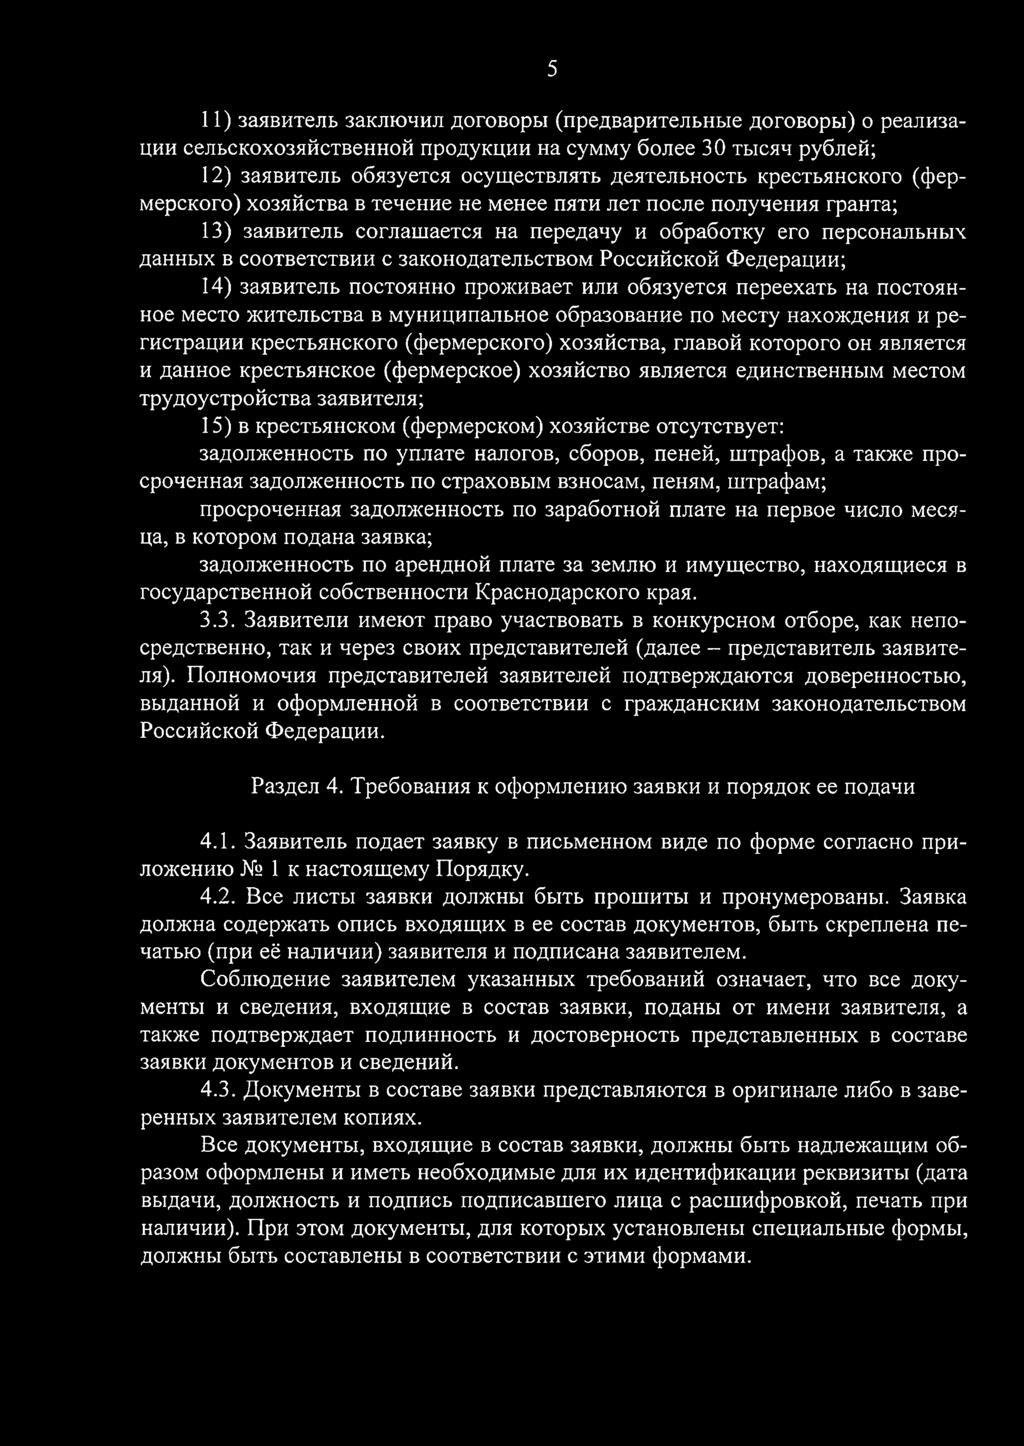 Федеральный закон от 11.06.2003 n 74-фз